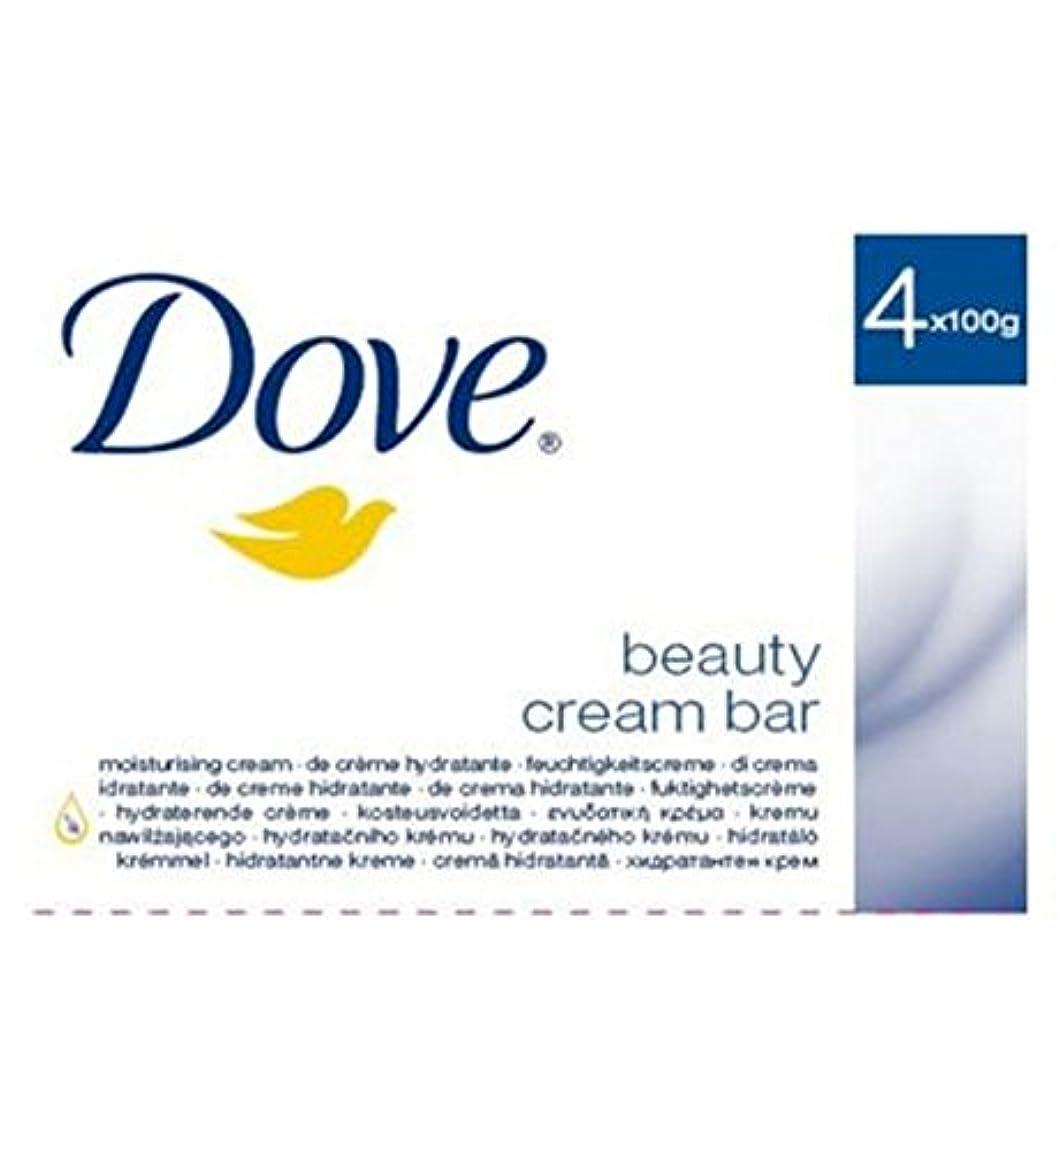 要旨民間基礎Dove Original Beauty Cream Bar 4 x 100g - 鳩元の美しさのクリームバー4のX 100グラム (Dove) [並行輸入品]